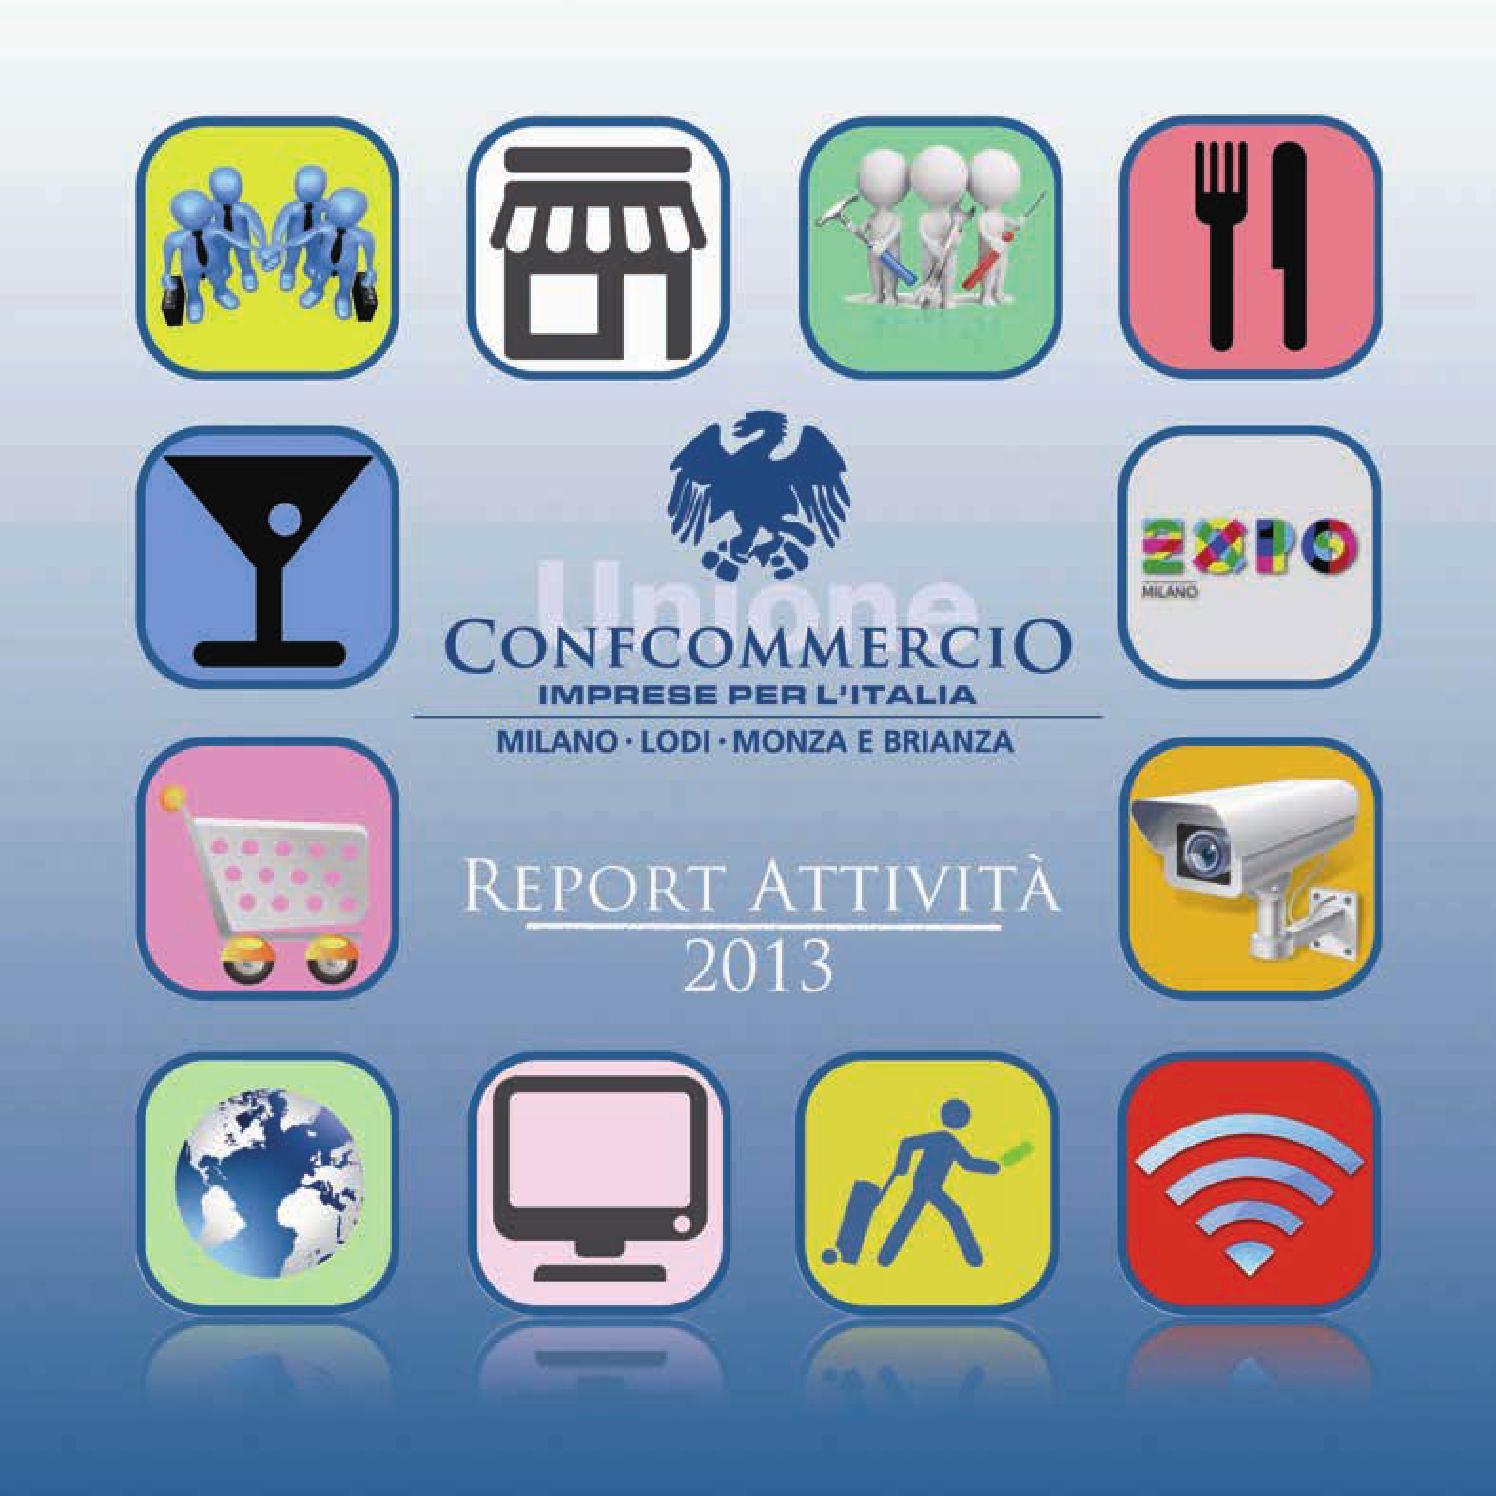 Calendario Rimborsi Qui Ticket 2020.Report Attivita Confcommercio Milano 2013 By Confcommercio